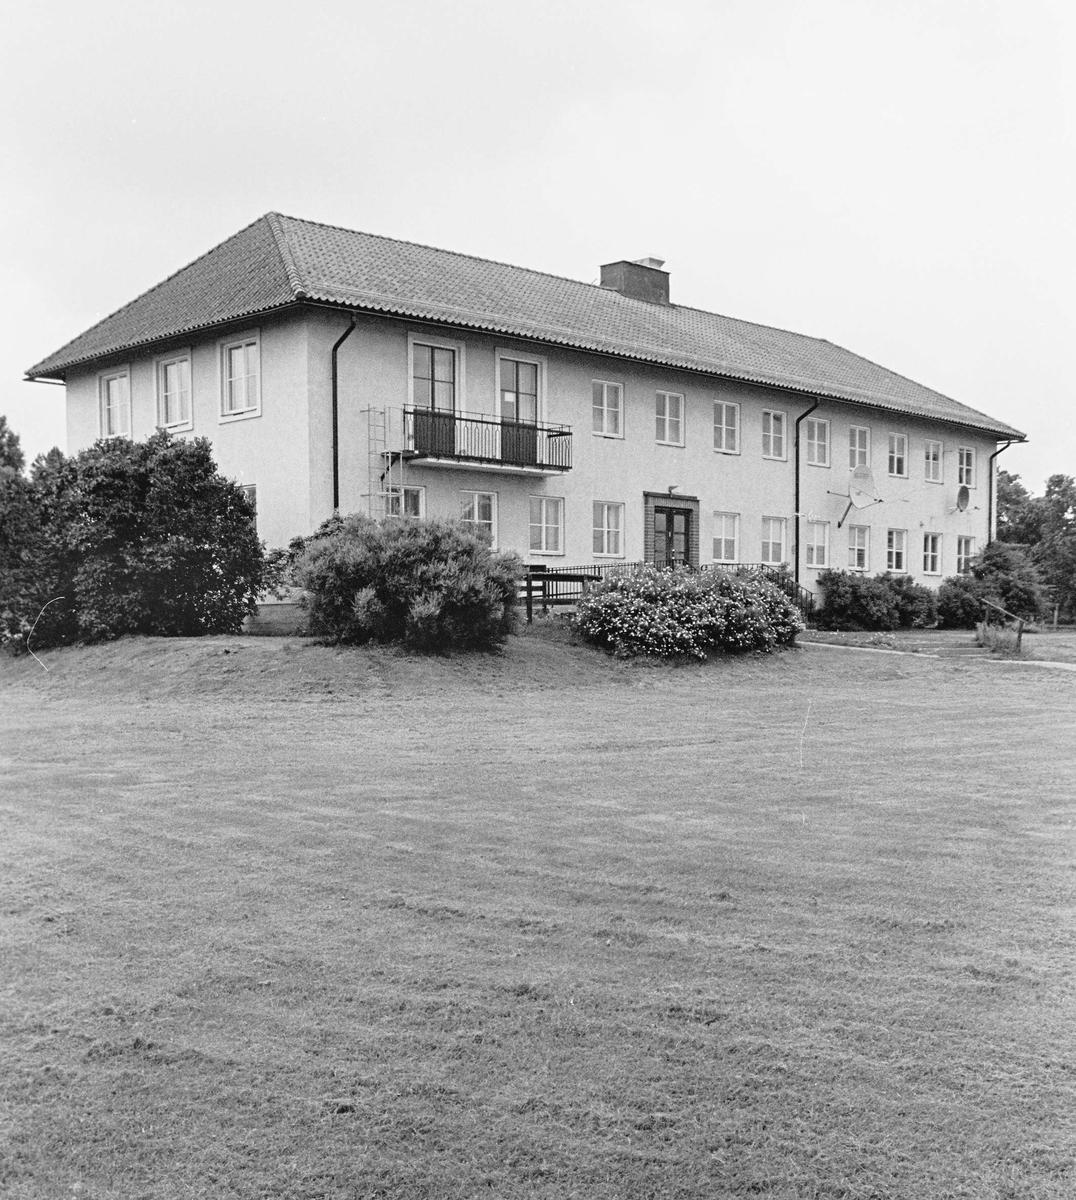 Hållnäs f d kommunalhus, Hållnäs socken, Uppland 2000